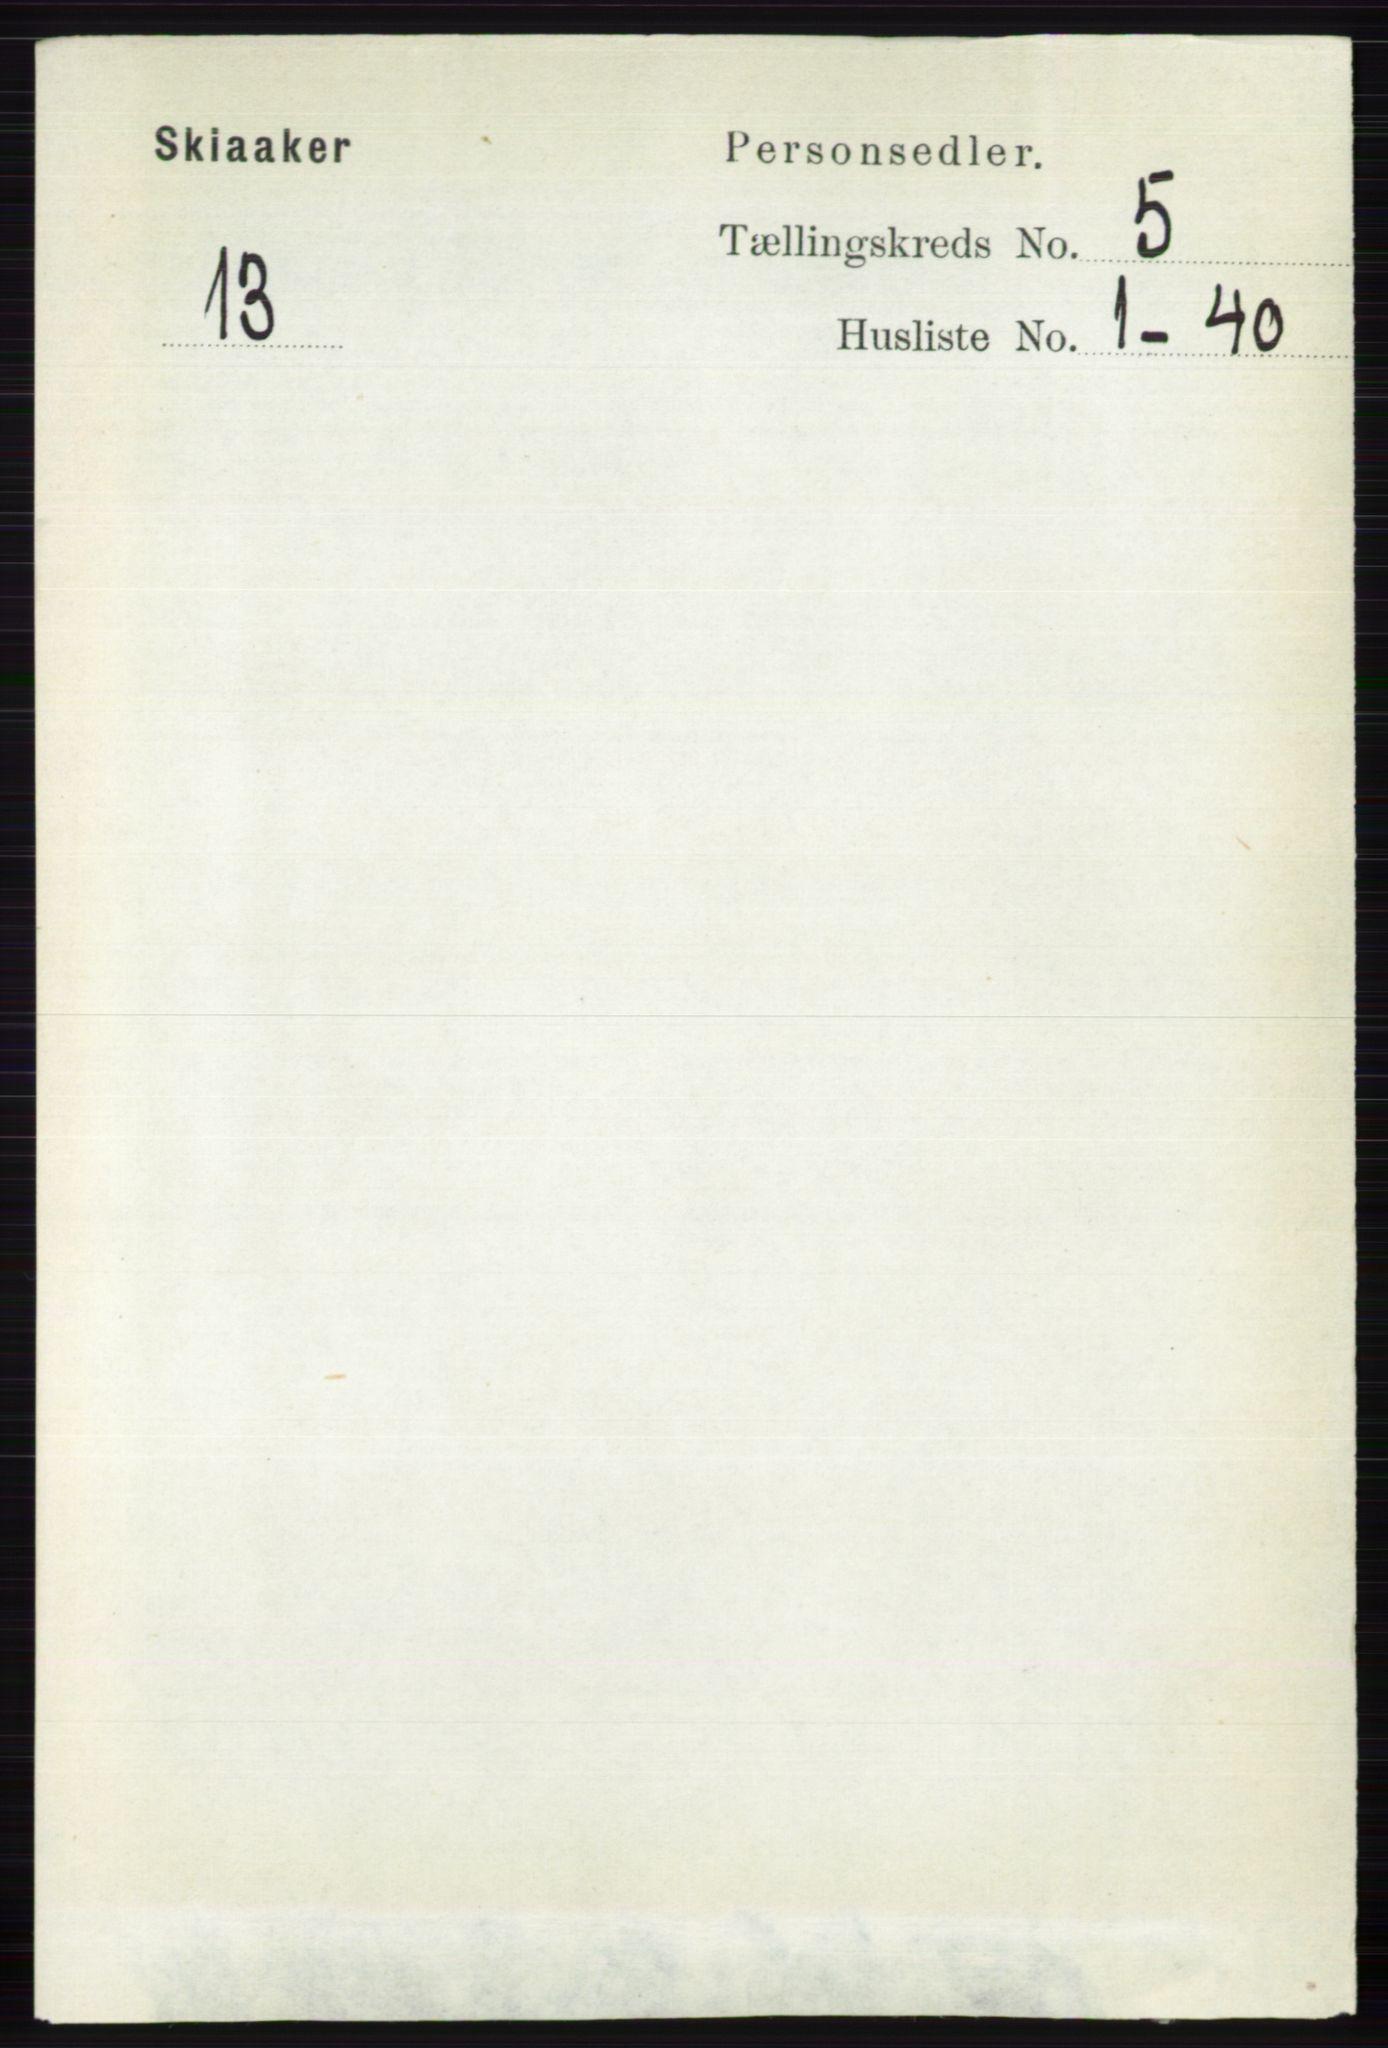 RA, Folketelling 1891 for 0513 Skjåk herred, 1891, s. 1615